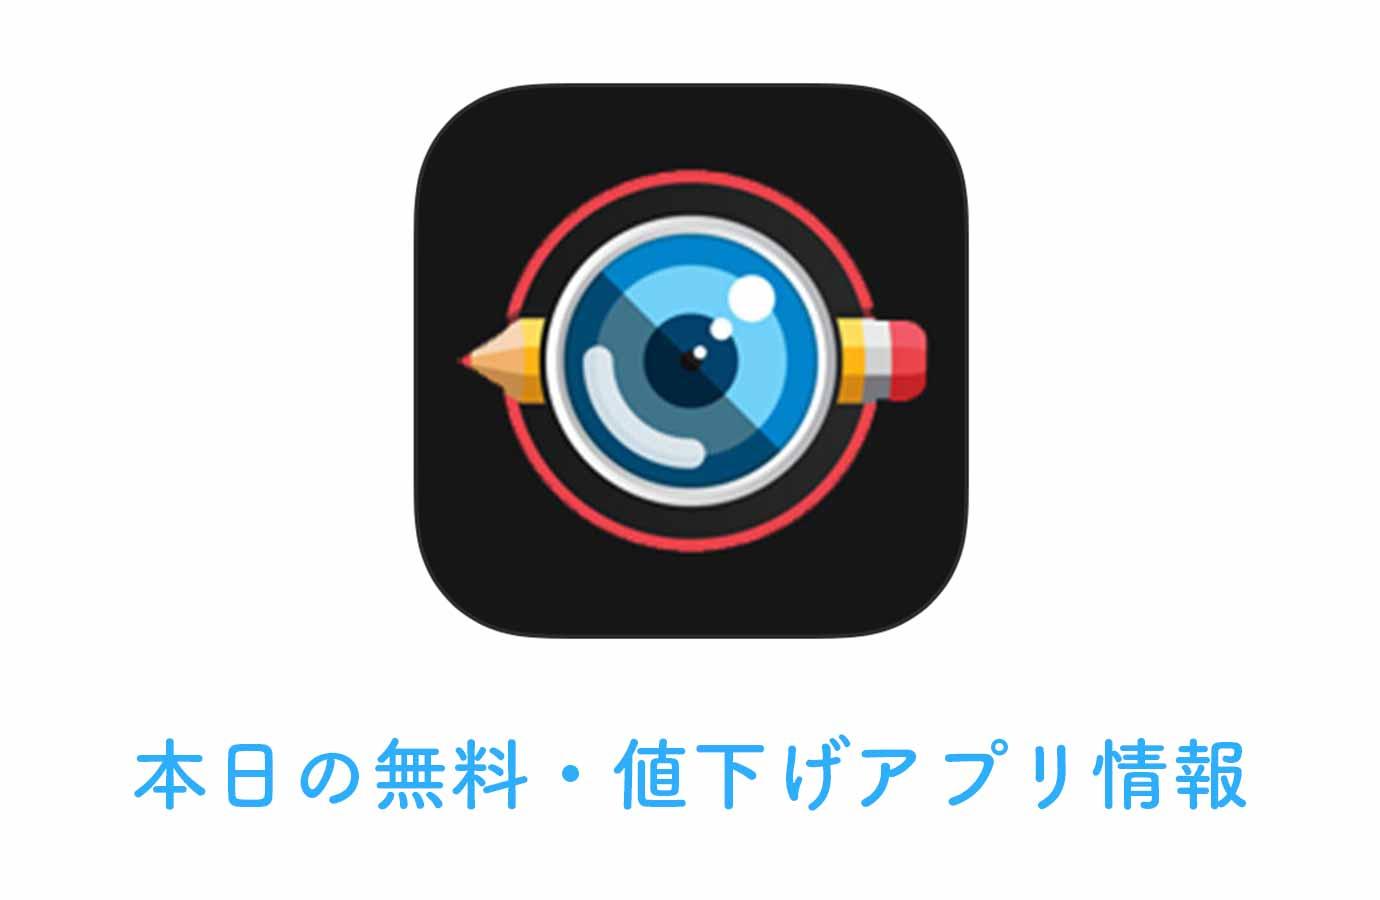 960円→無料、簡単に美しいグラフィックデザインを作れる写真加工アプリ「Cameraxis」など【6/5】本日の無料・値下げアプリ情報